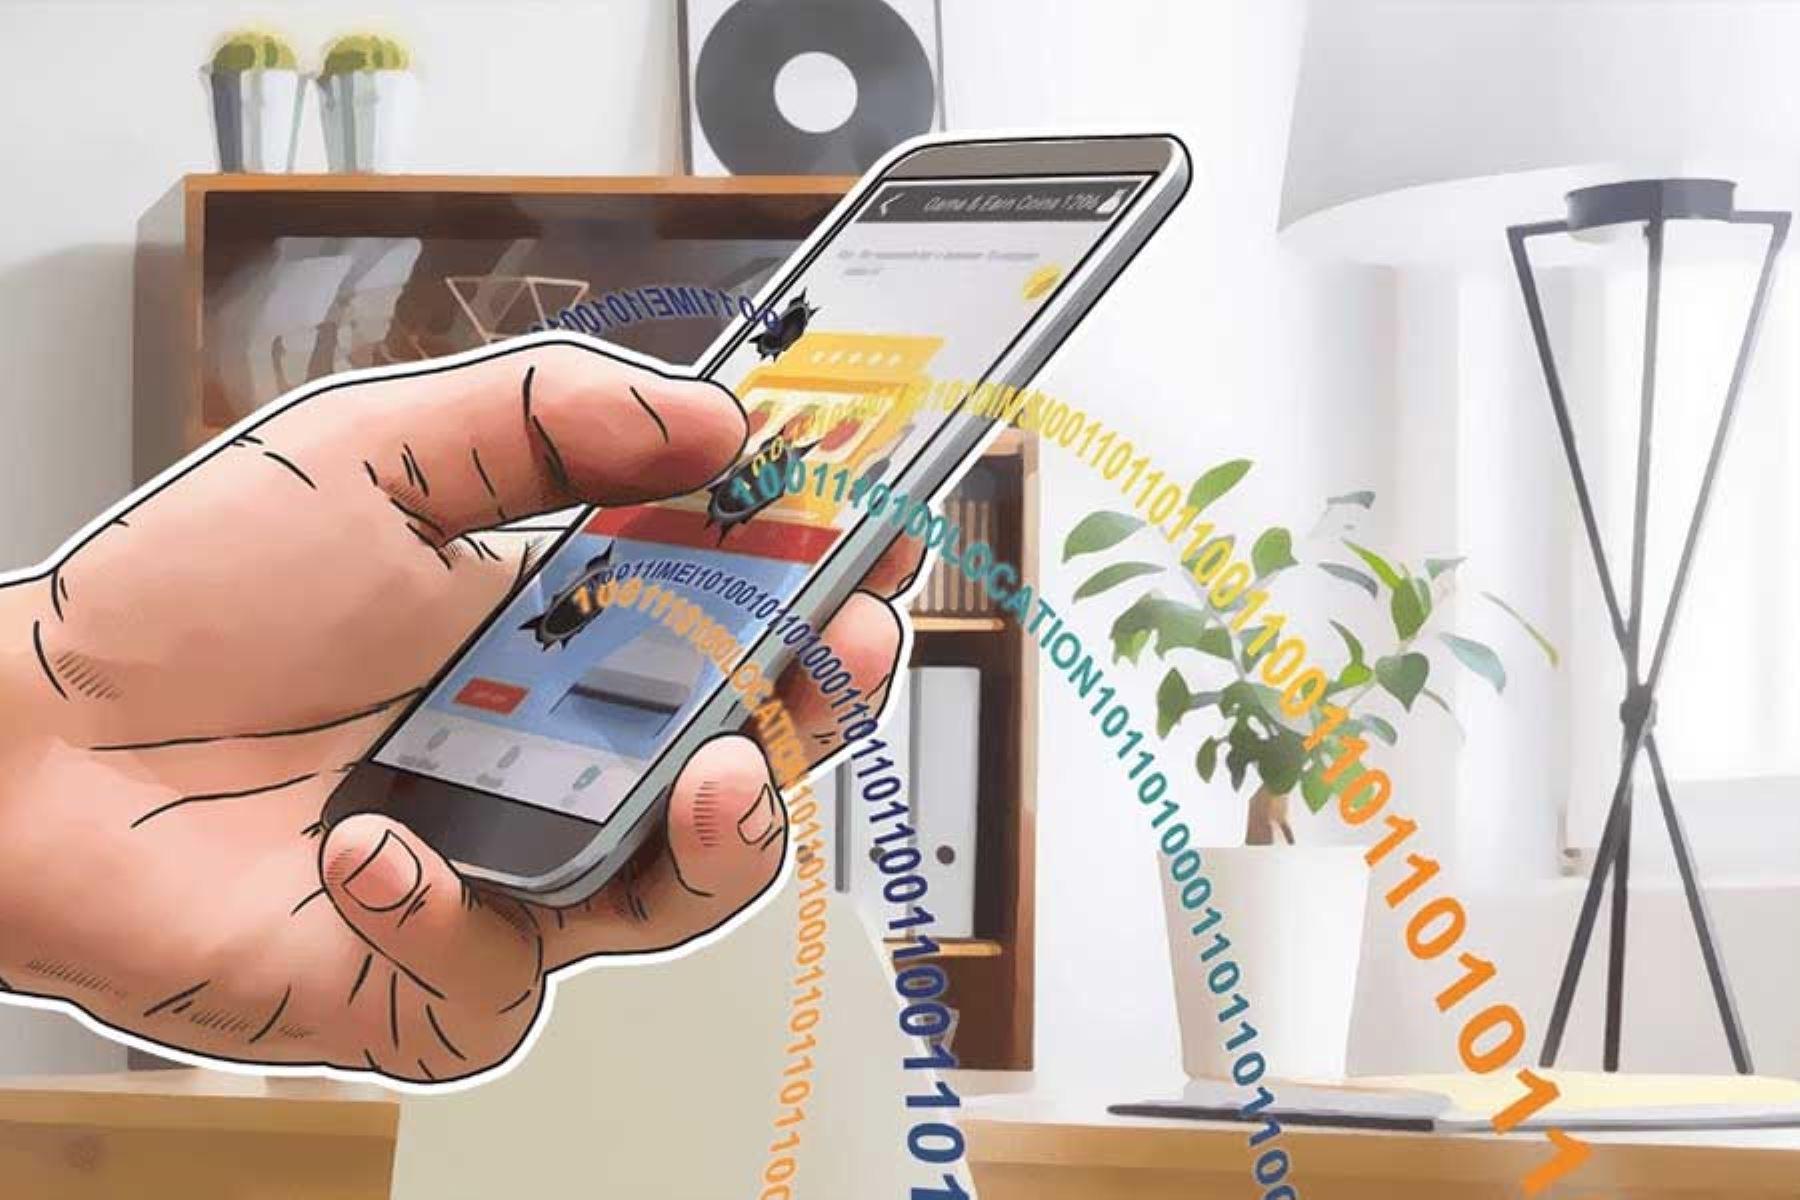 La modalidad ransomware secuestra y encripta información del usuario para exigir un pago. Foto: Kaspersky Lab/Cortesía